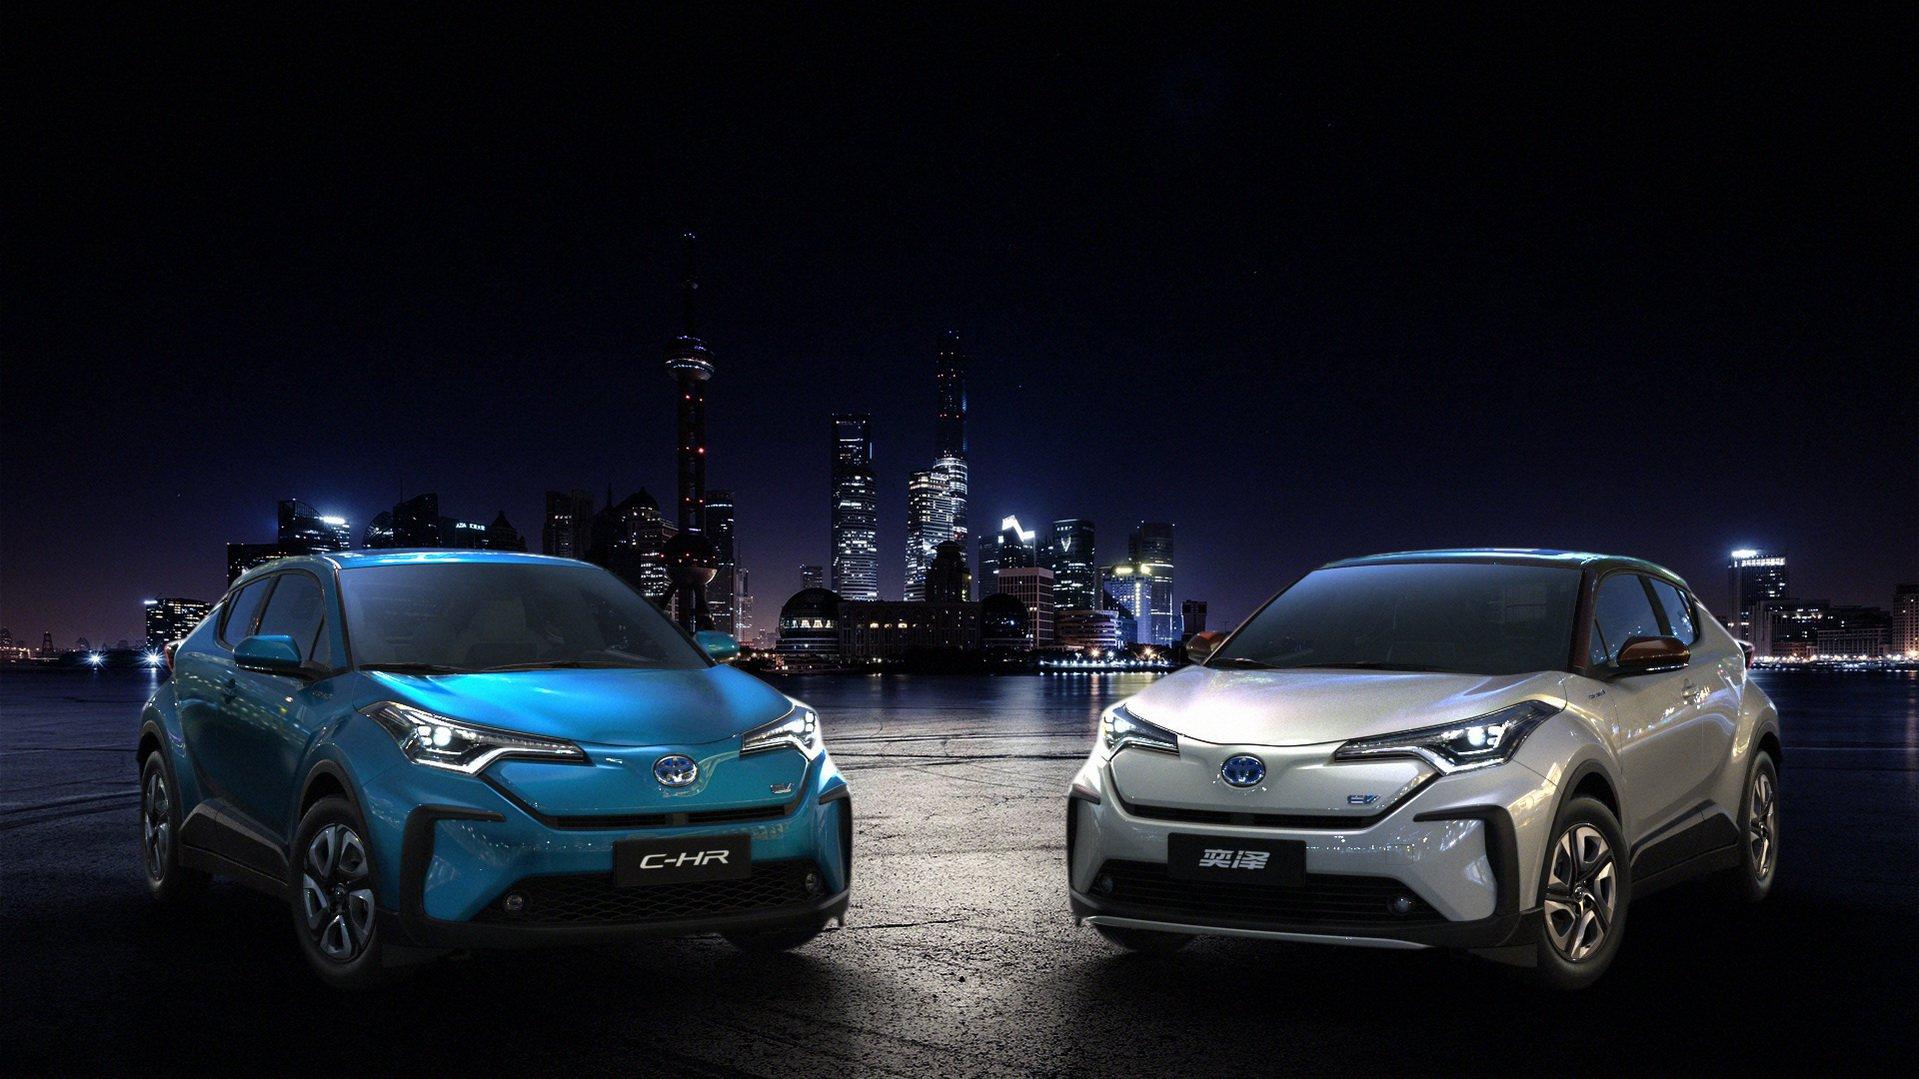 丰田纯电动汽车C-HR亮相上海 具体参数尚未公布